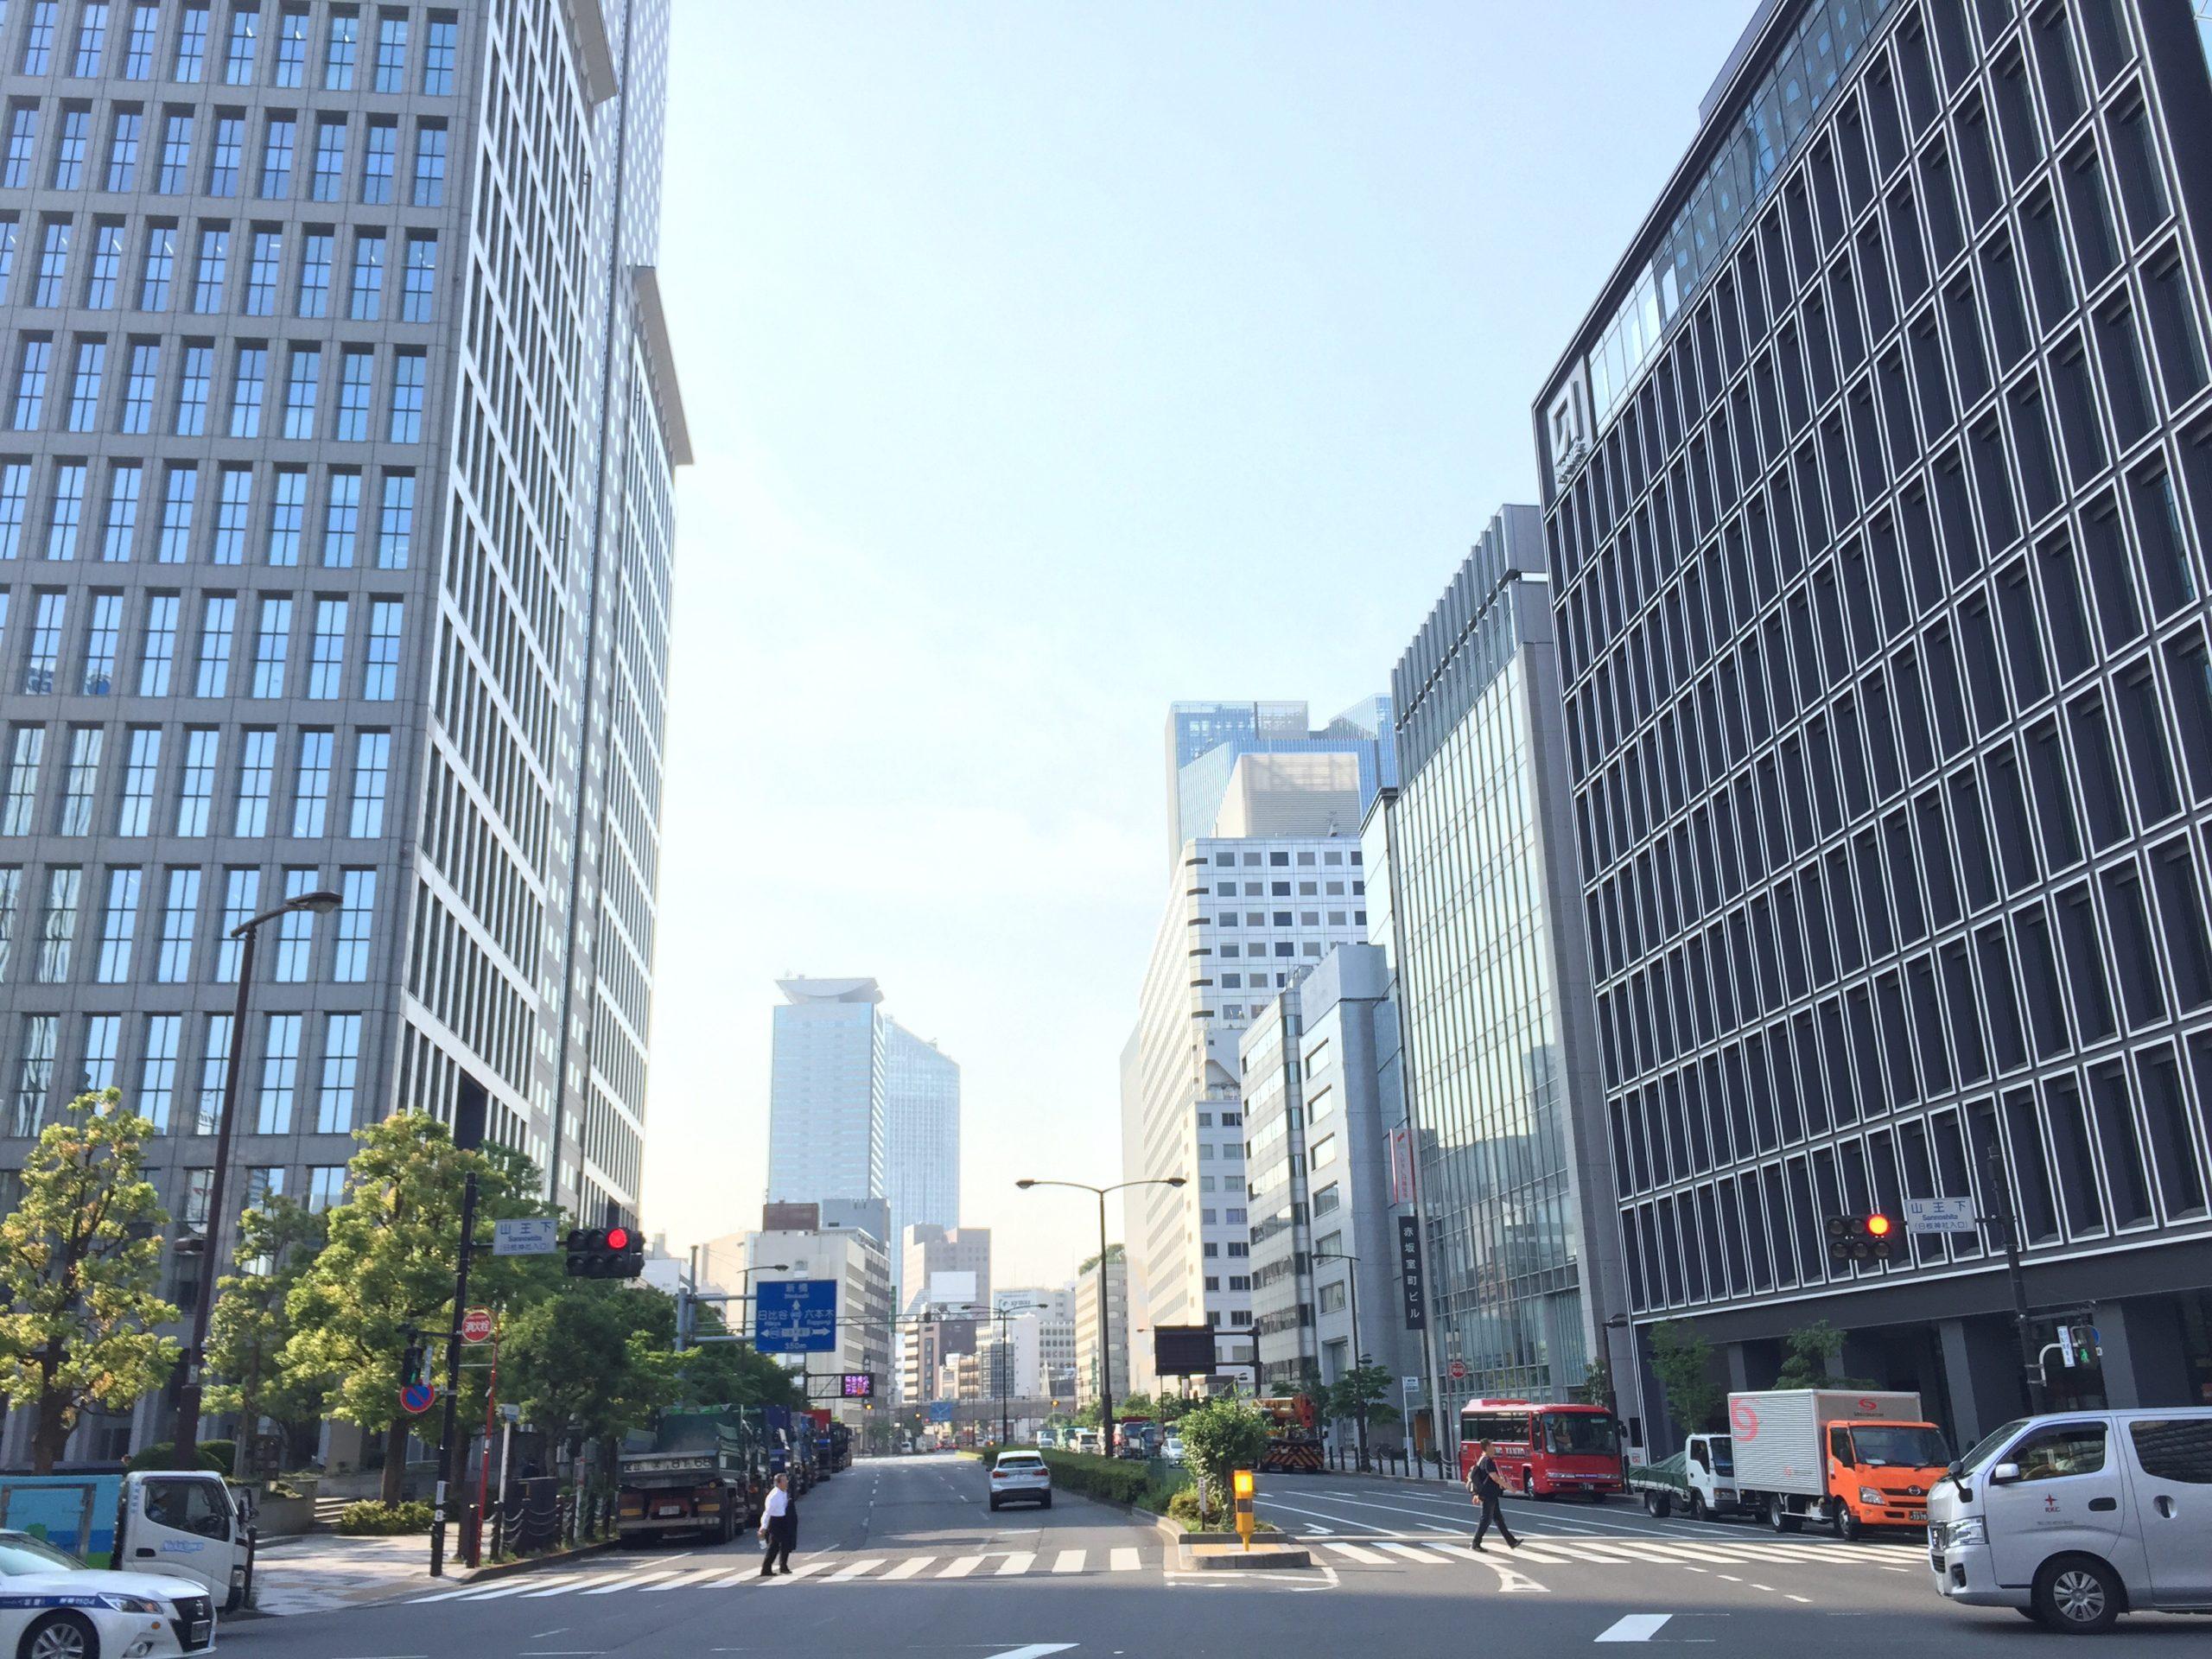 シン・ゴジラ爆地巡礼!再び品川そして赤坂、新橋へ 熱線放射はここで!?